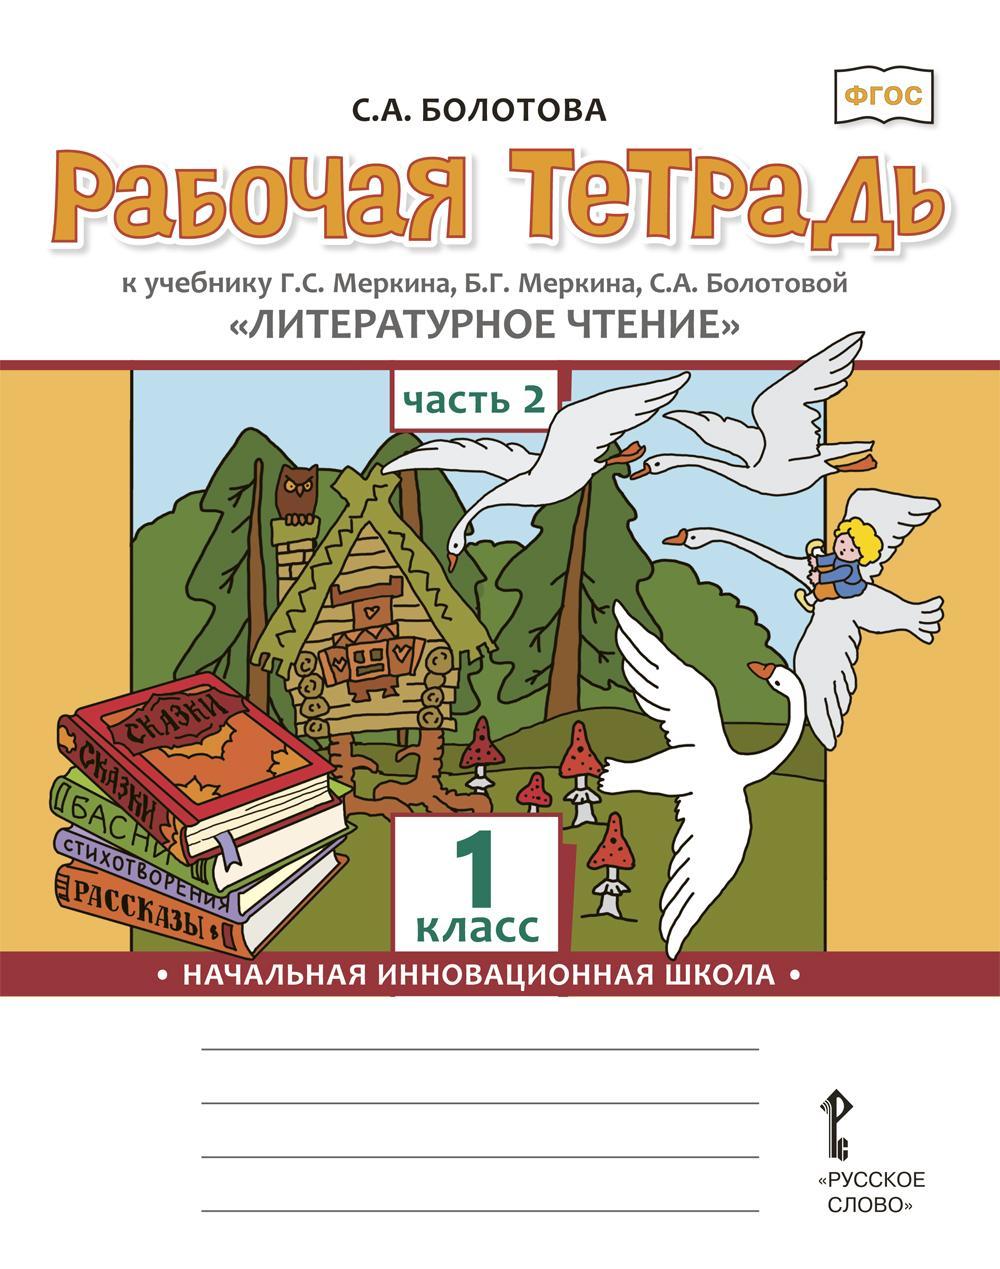 Literaturnoe chtenie. 1 klass. V 2-kh chastjakh. Chast 2. Rabochaja tetrad k uchebniku G.S. Merkina, B.G. Merkina, S.A. Bolotovoj